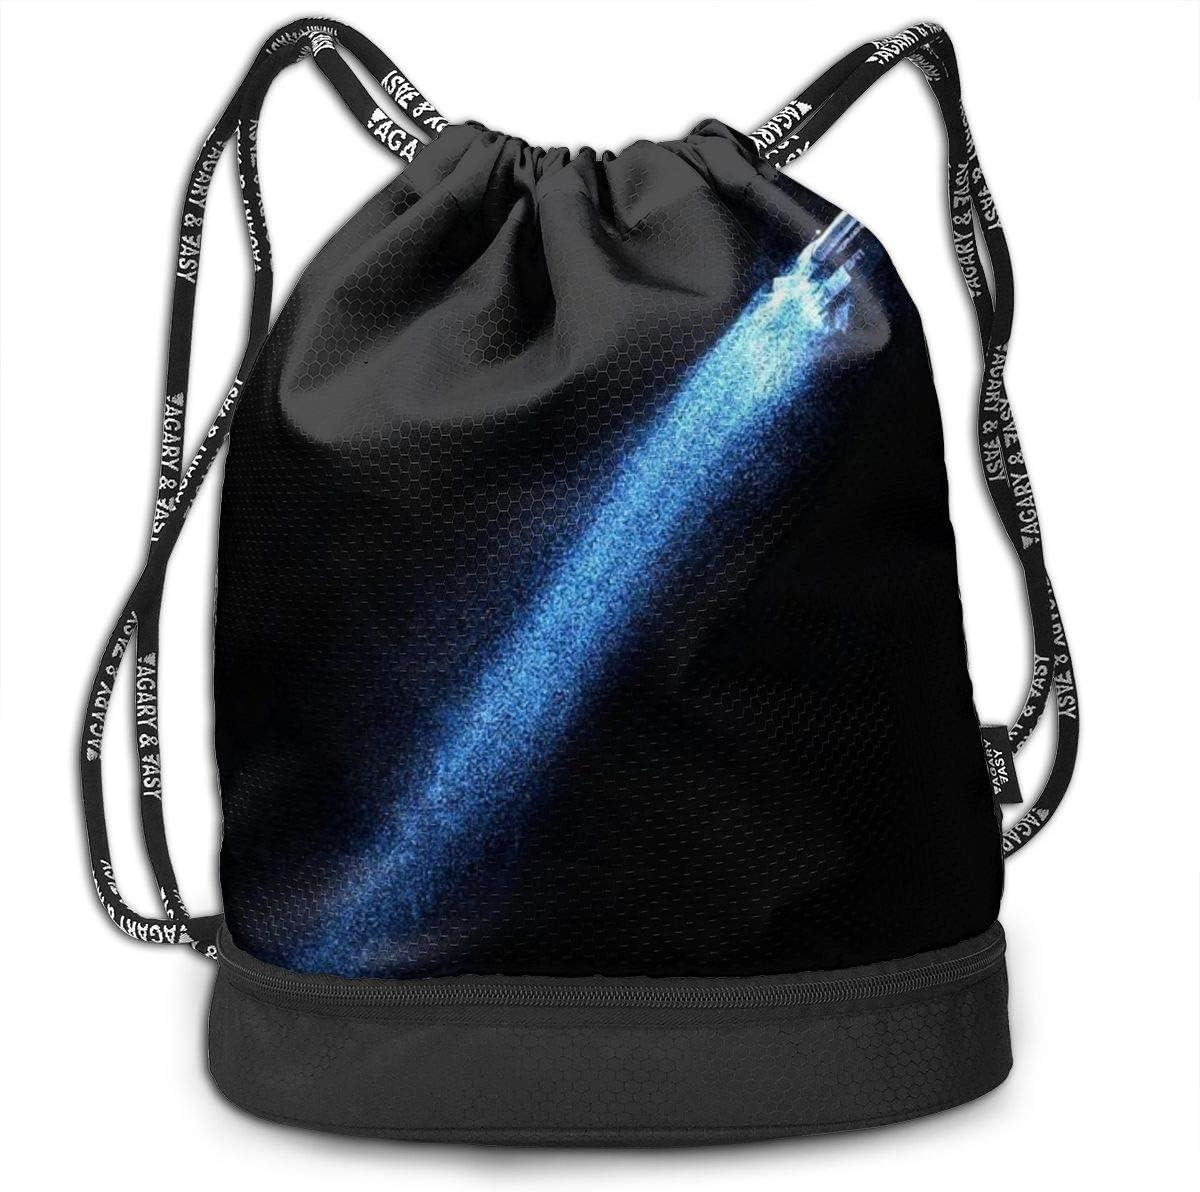 GymSack Drawstring Bag Sackpack Rocket Sport Cinch Pack Simple Bundle Pocke Backpack For Men Women